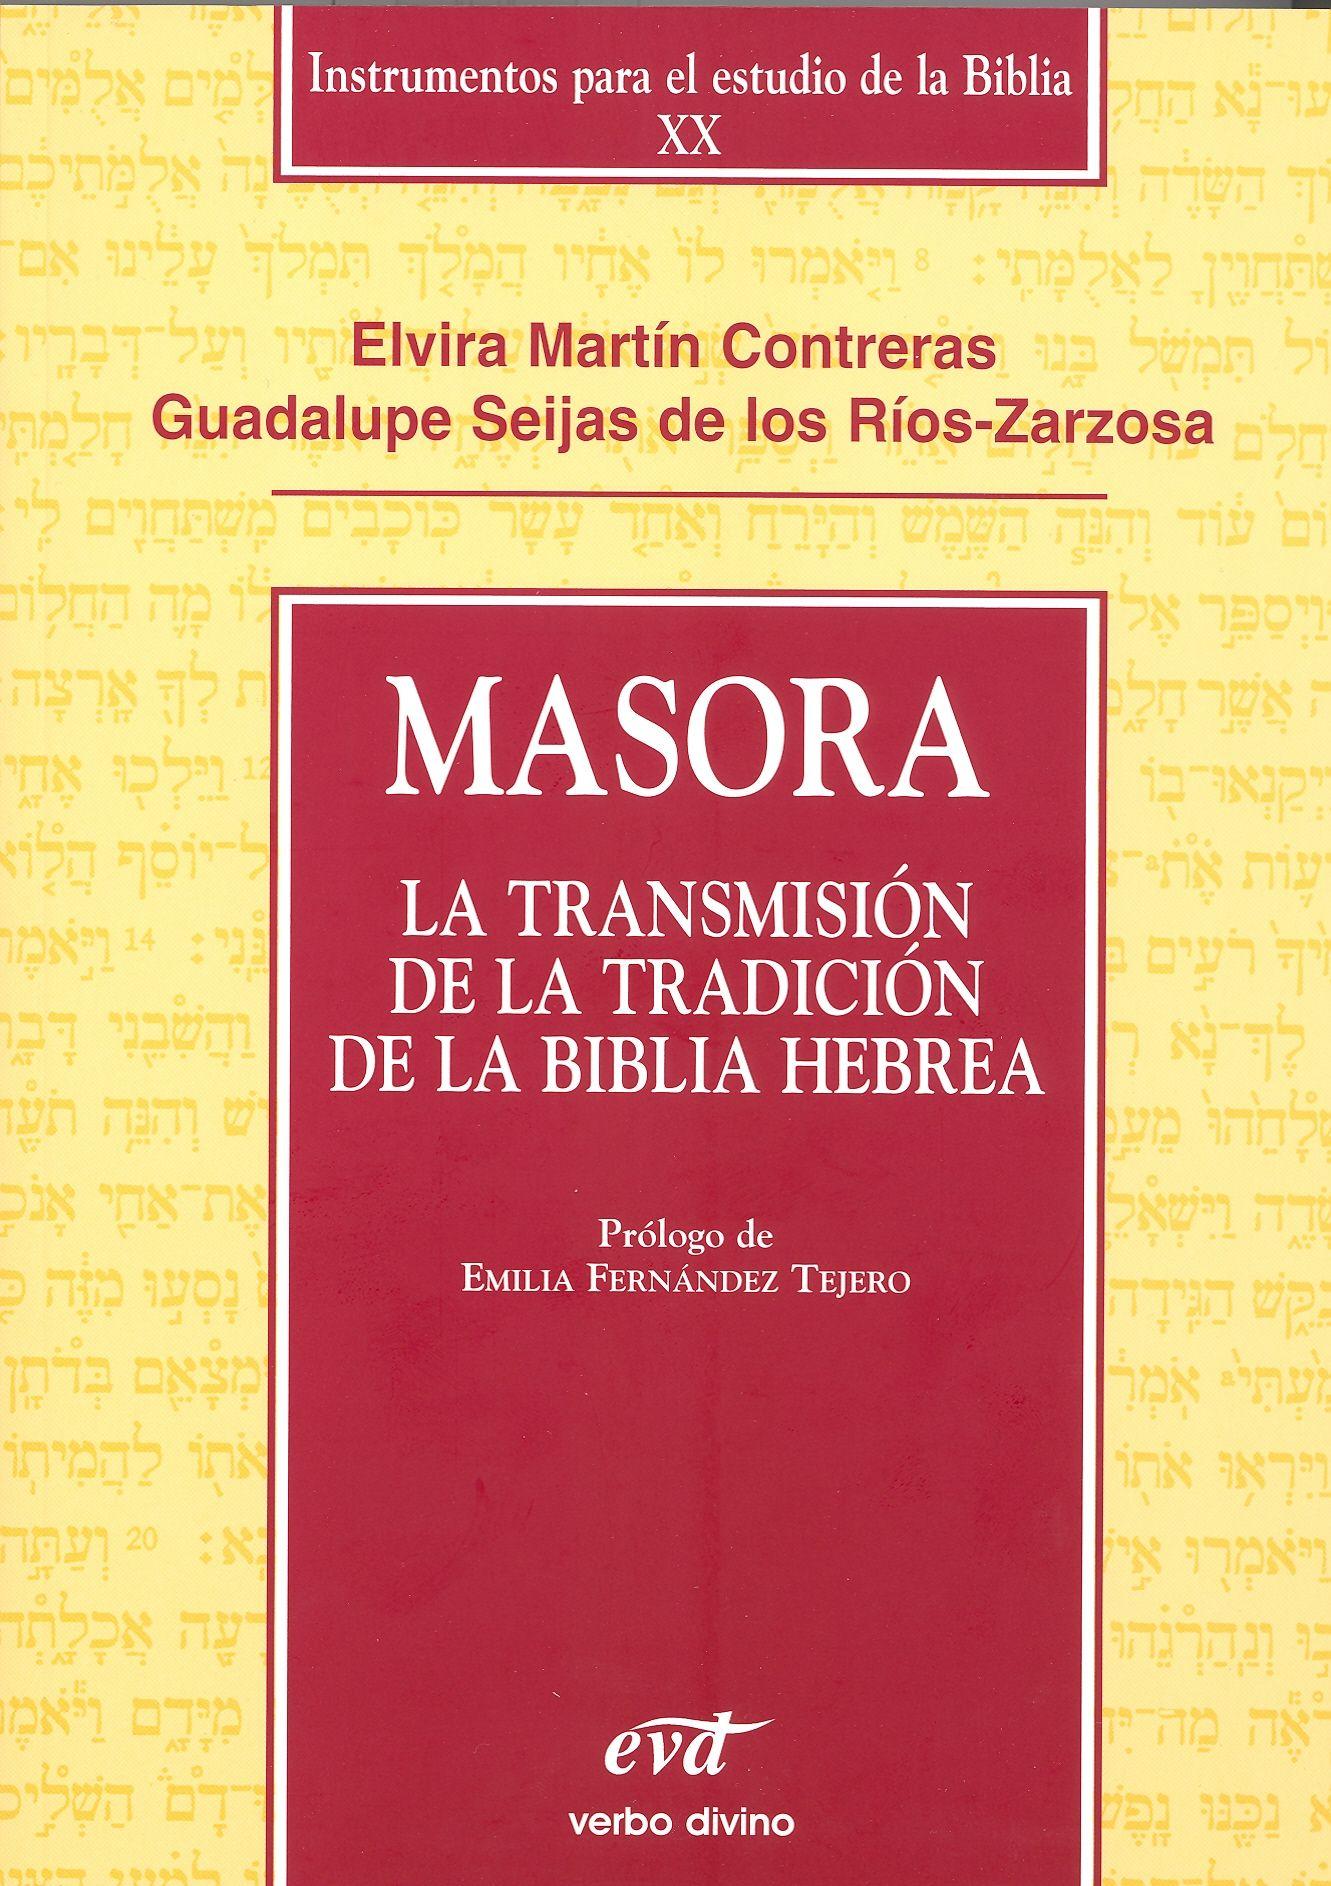 Masora. La Transmisión de la Tradición de la Biblia Hebrea. (Instrumentos para el Estudio de la Biblia XX)